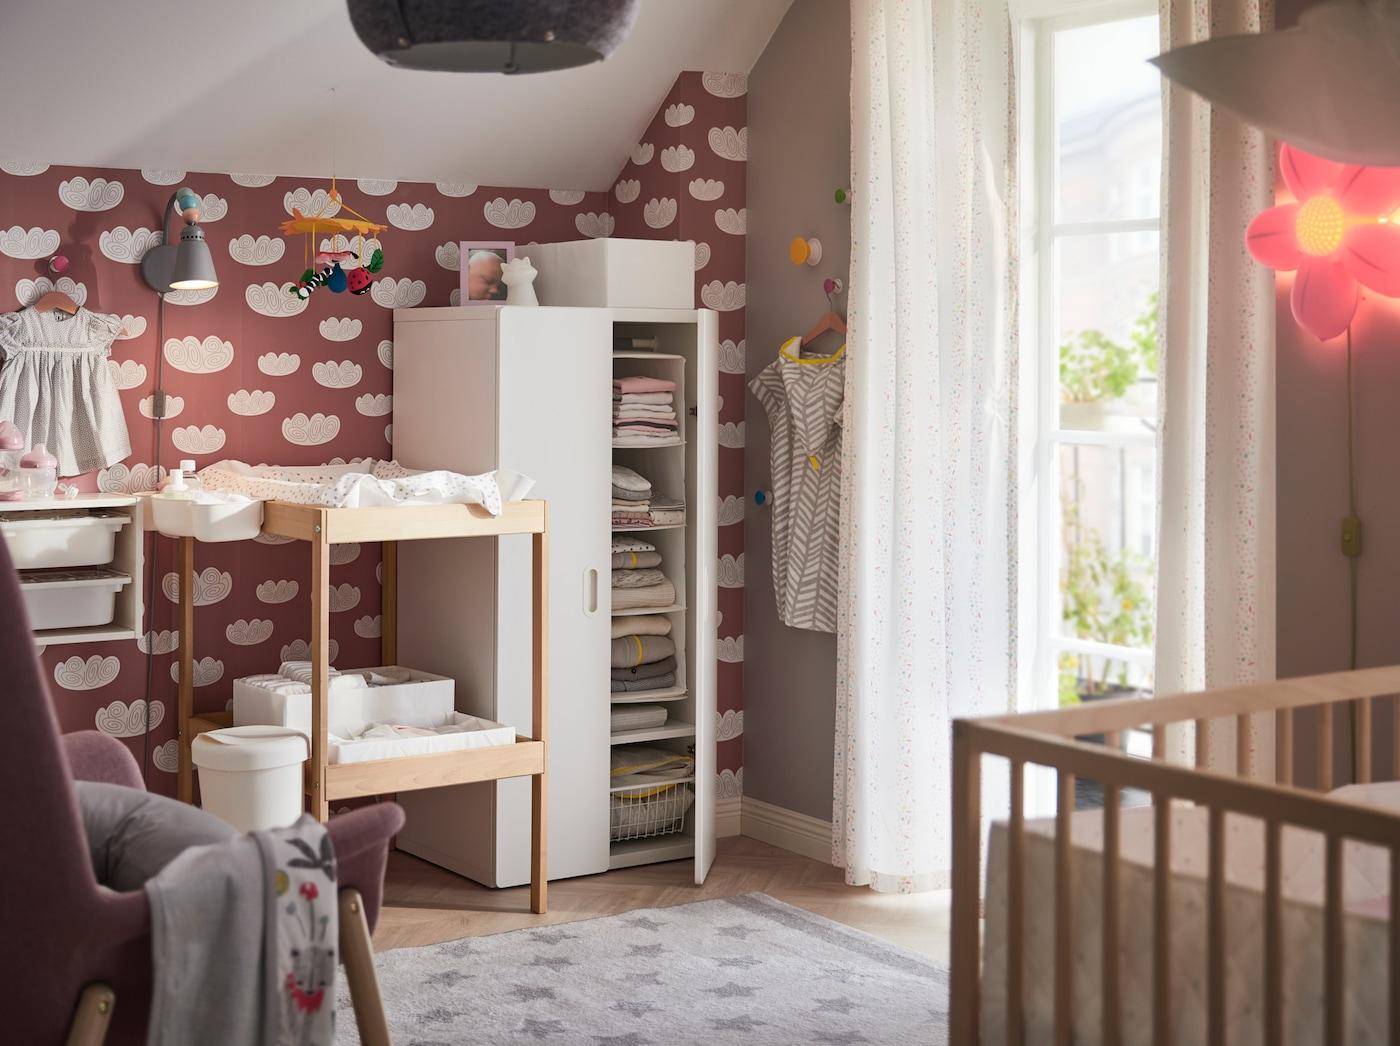 STUVA FRITIDS دولاب ملابس أبيض من ايكيا وطاولة تغيير SNIGLAR بيضاء من خشب الزان في غرفة نوم طفل.